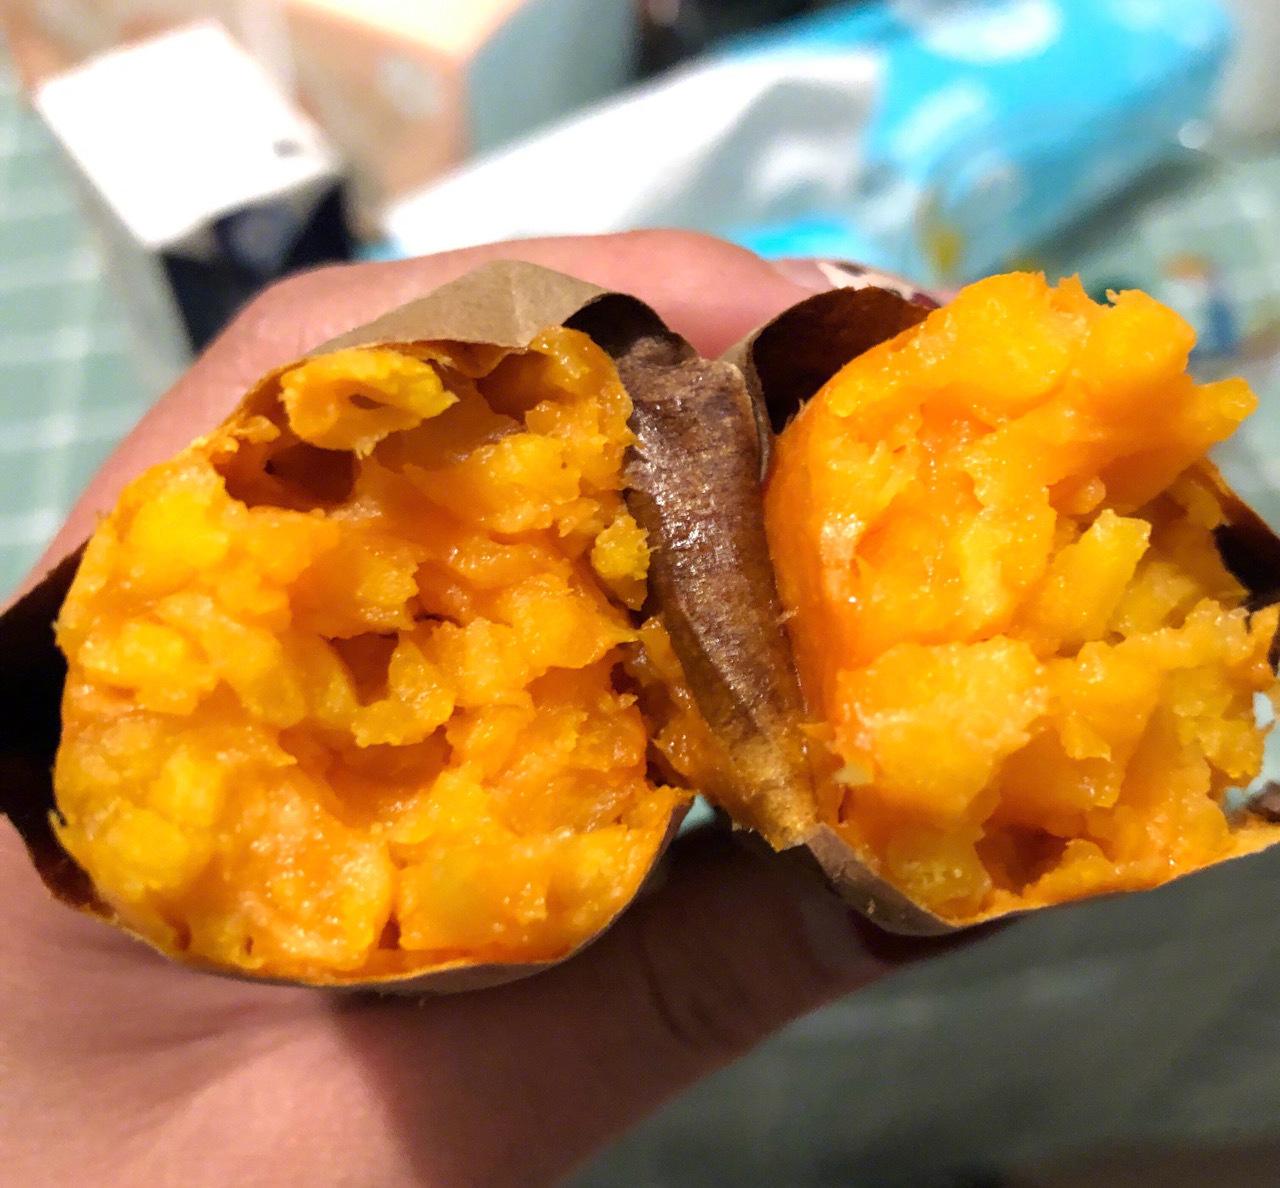 有多少跟我一样喜欢吃烤红薯的举个爪!